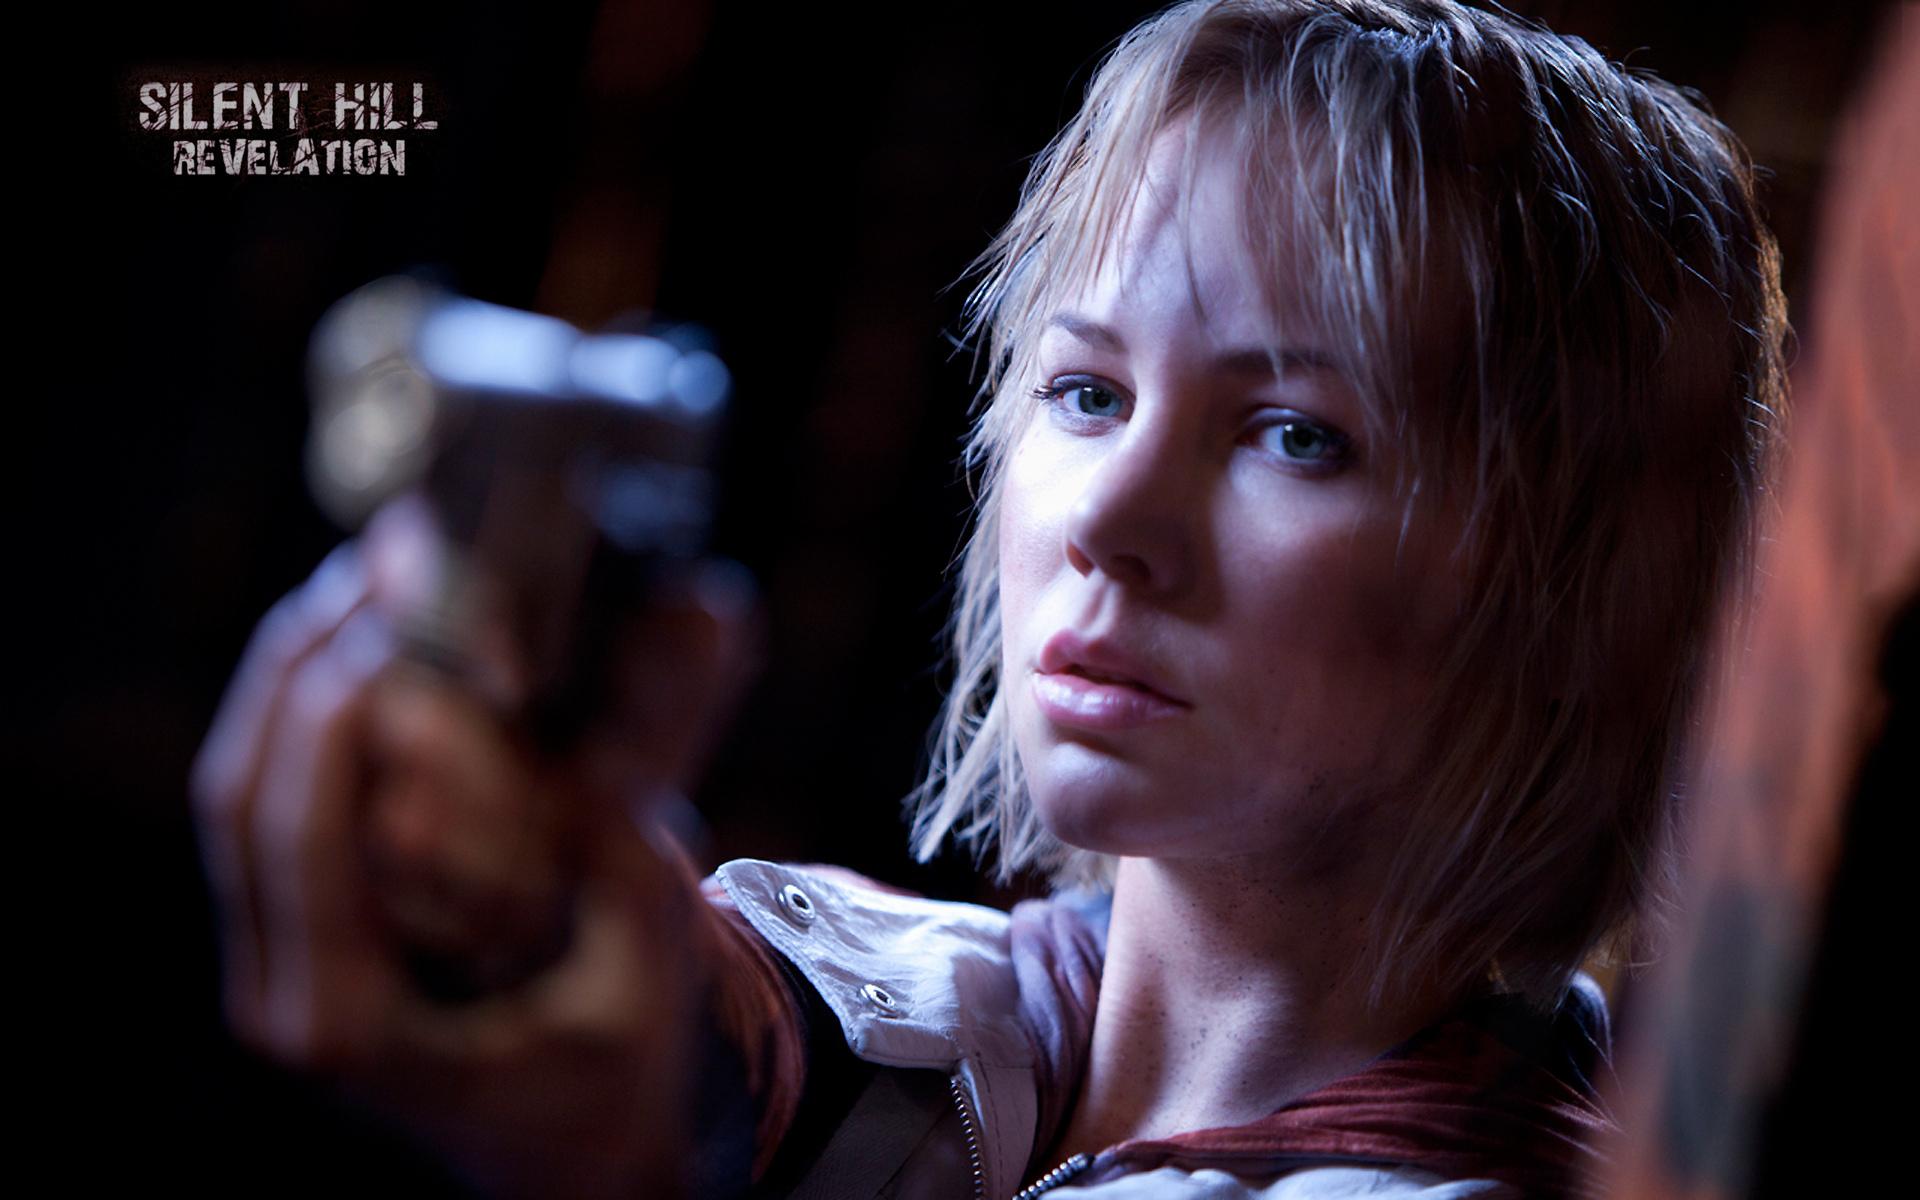 девушка, актриса, пистолет